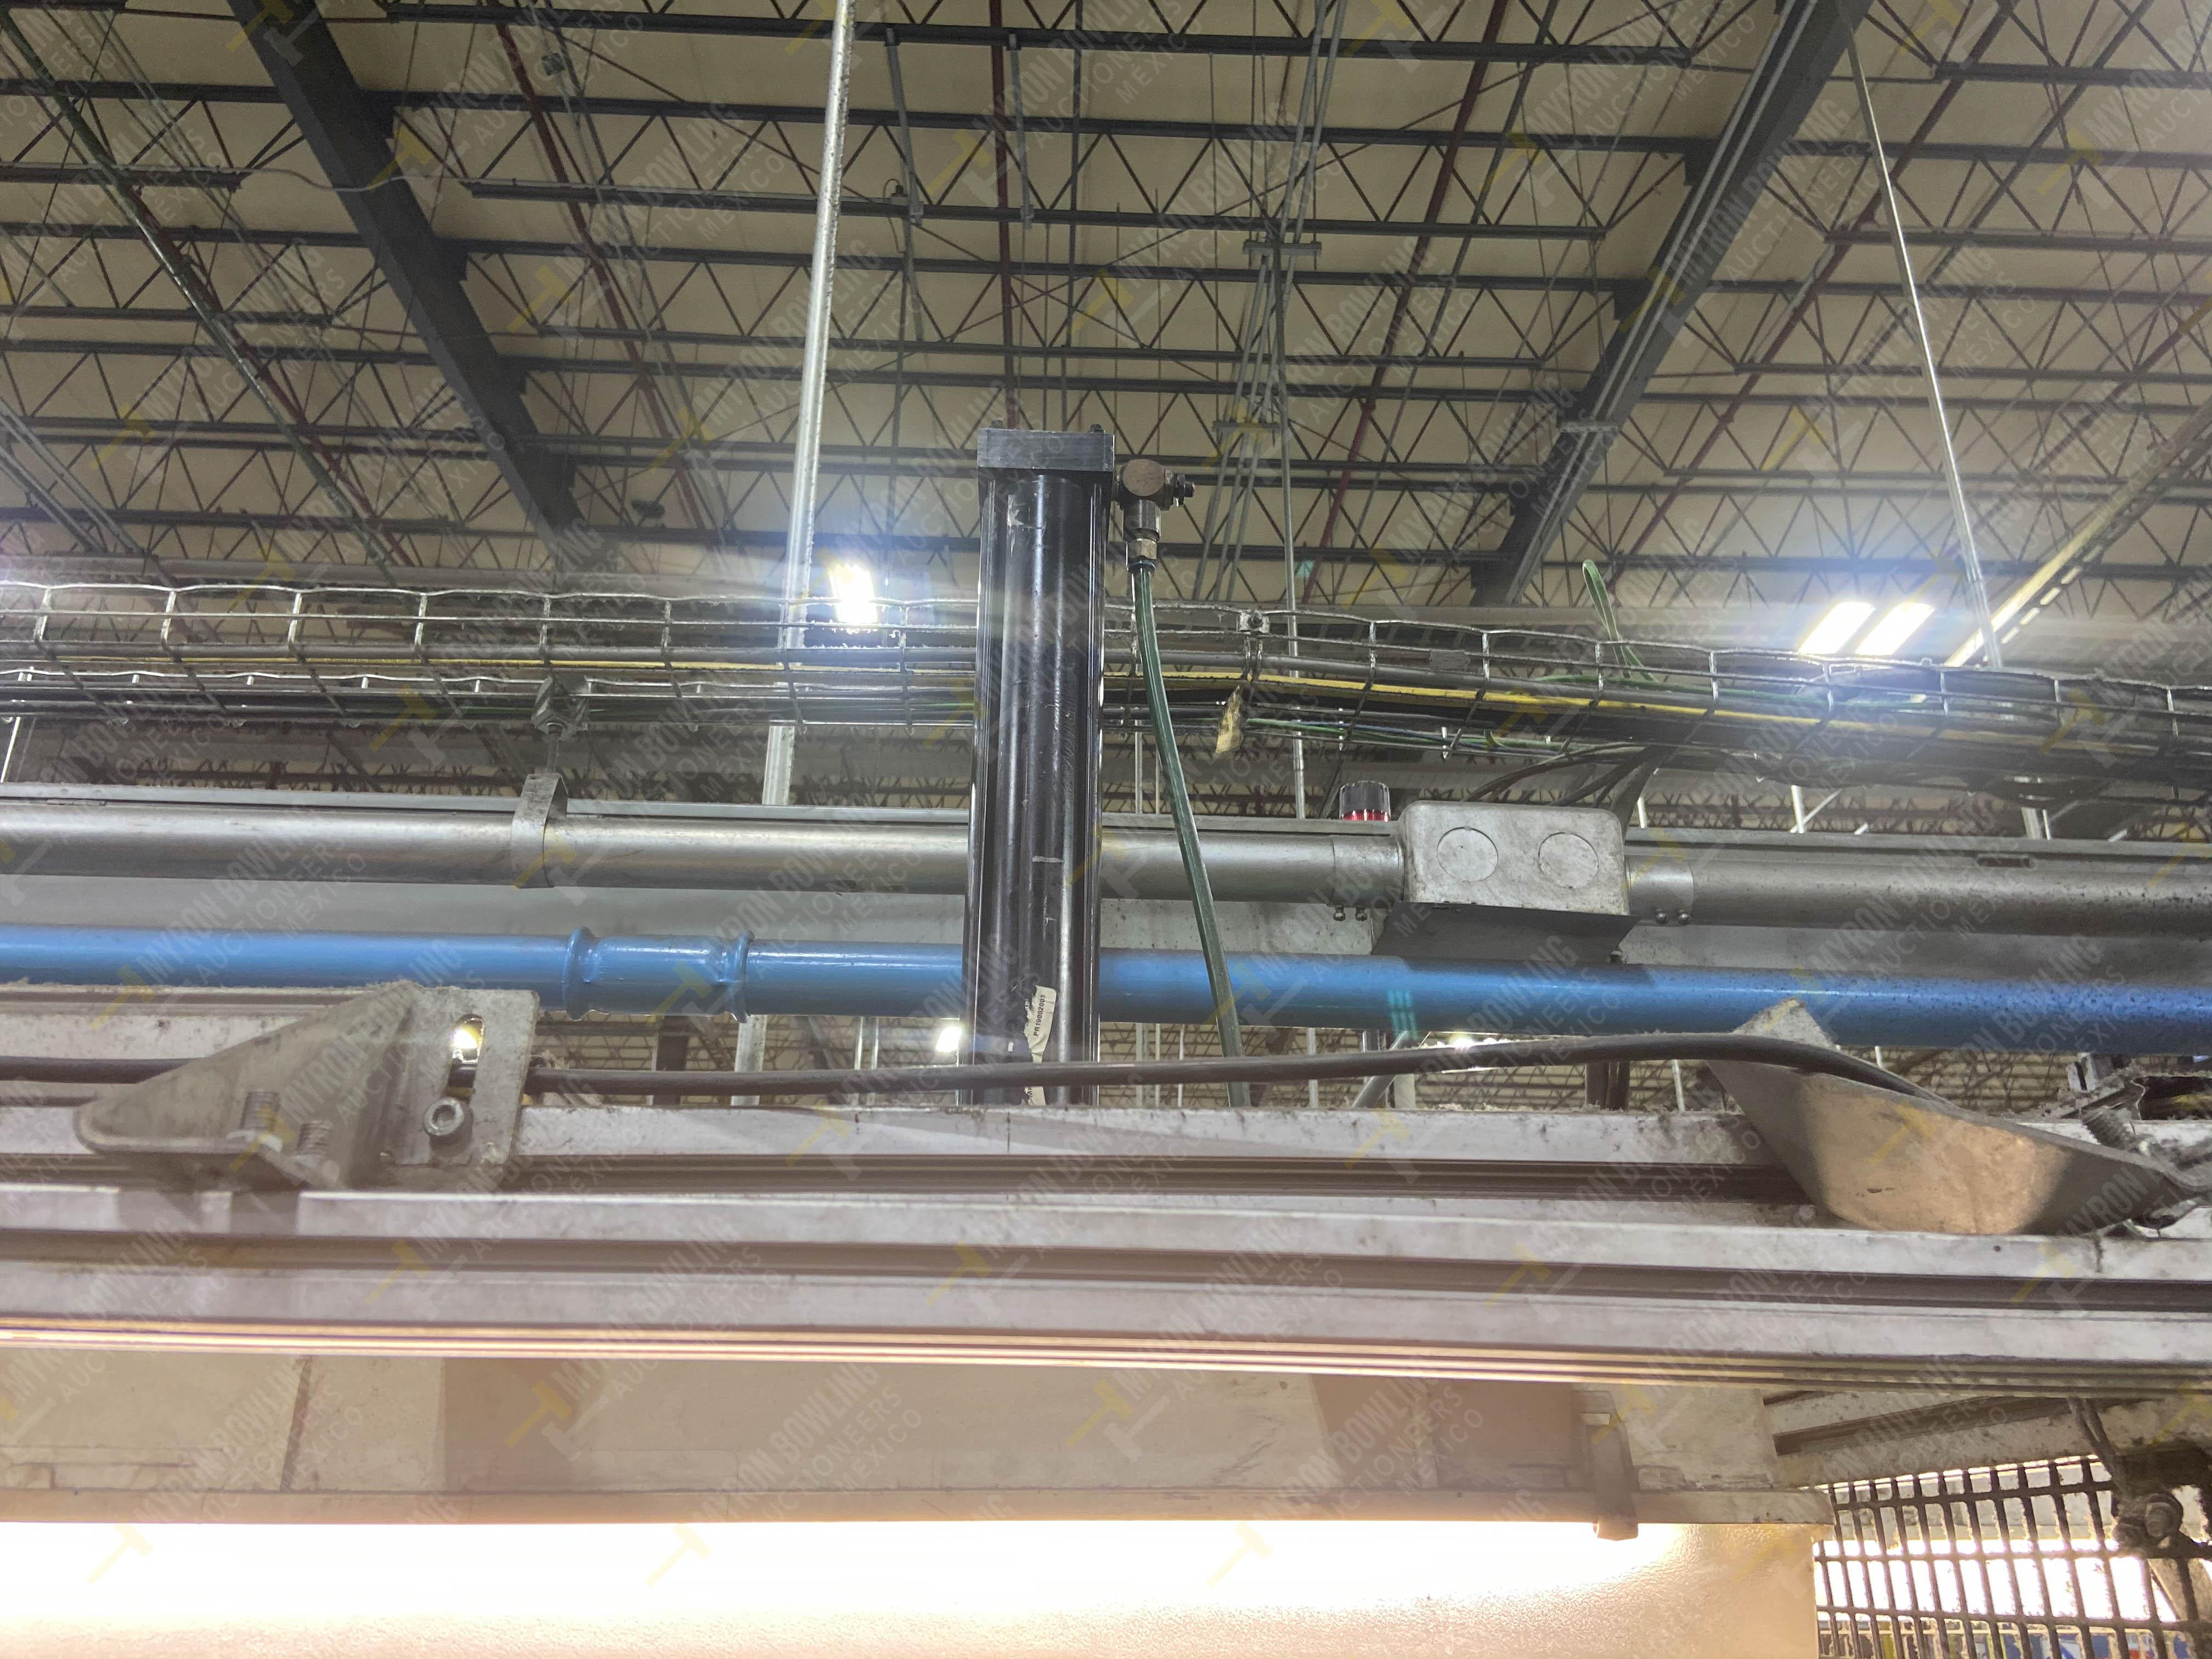 Estación semiautomática para operación 340, contiene: Prensa en estructura de placa de acero - Image 17 of 32